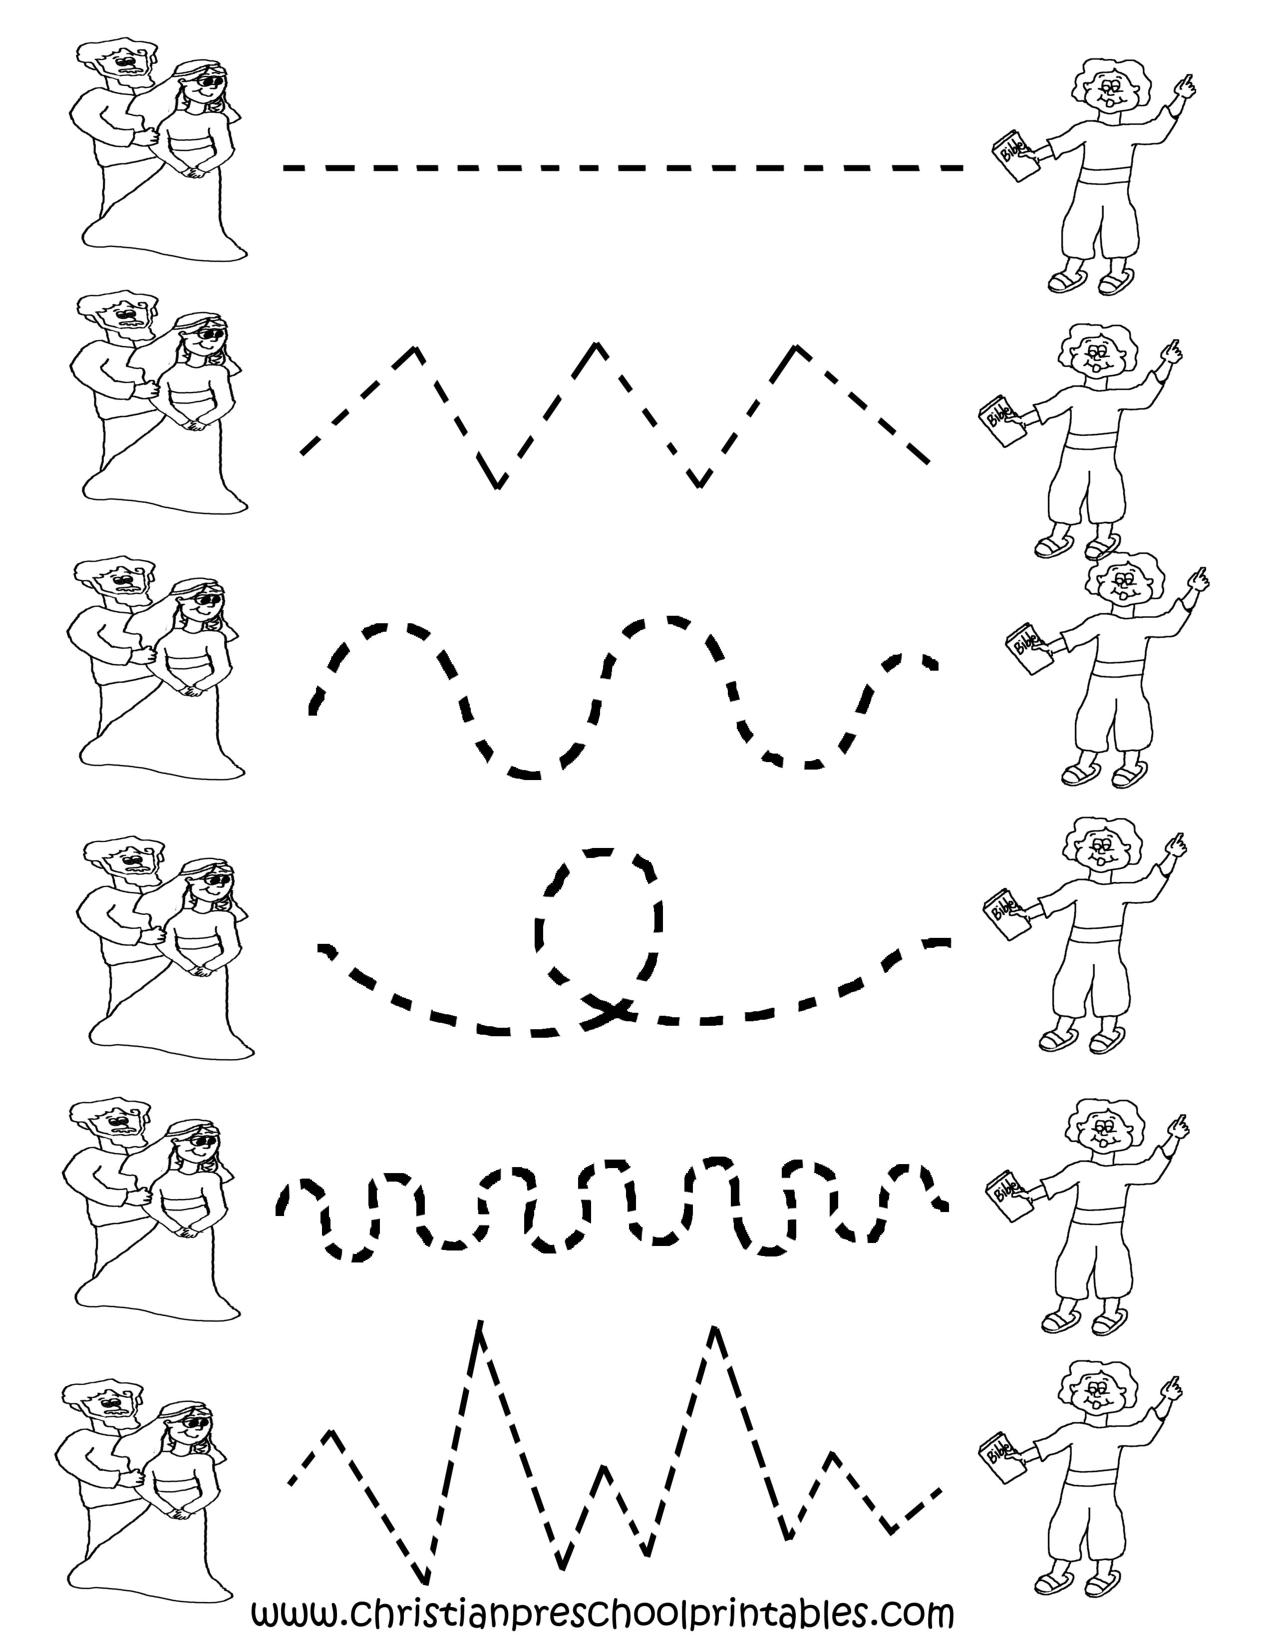 Best Images of Christmas Printable Number Preschool Worksheets - Free ...